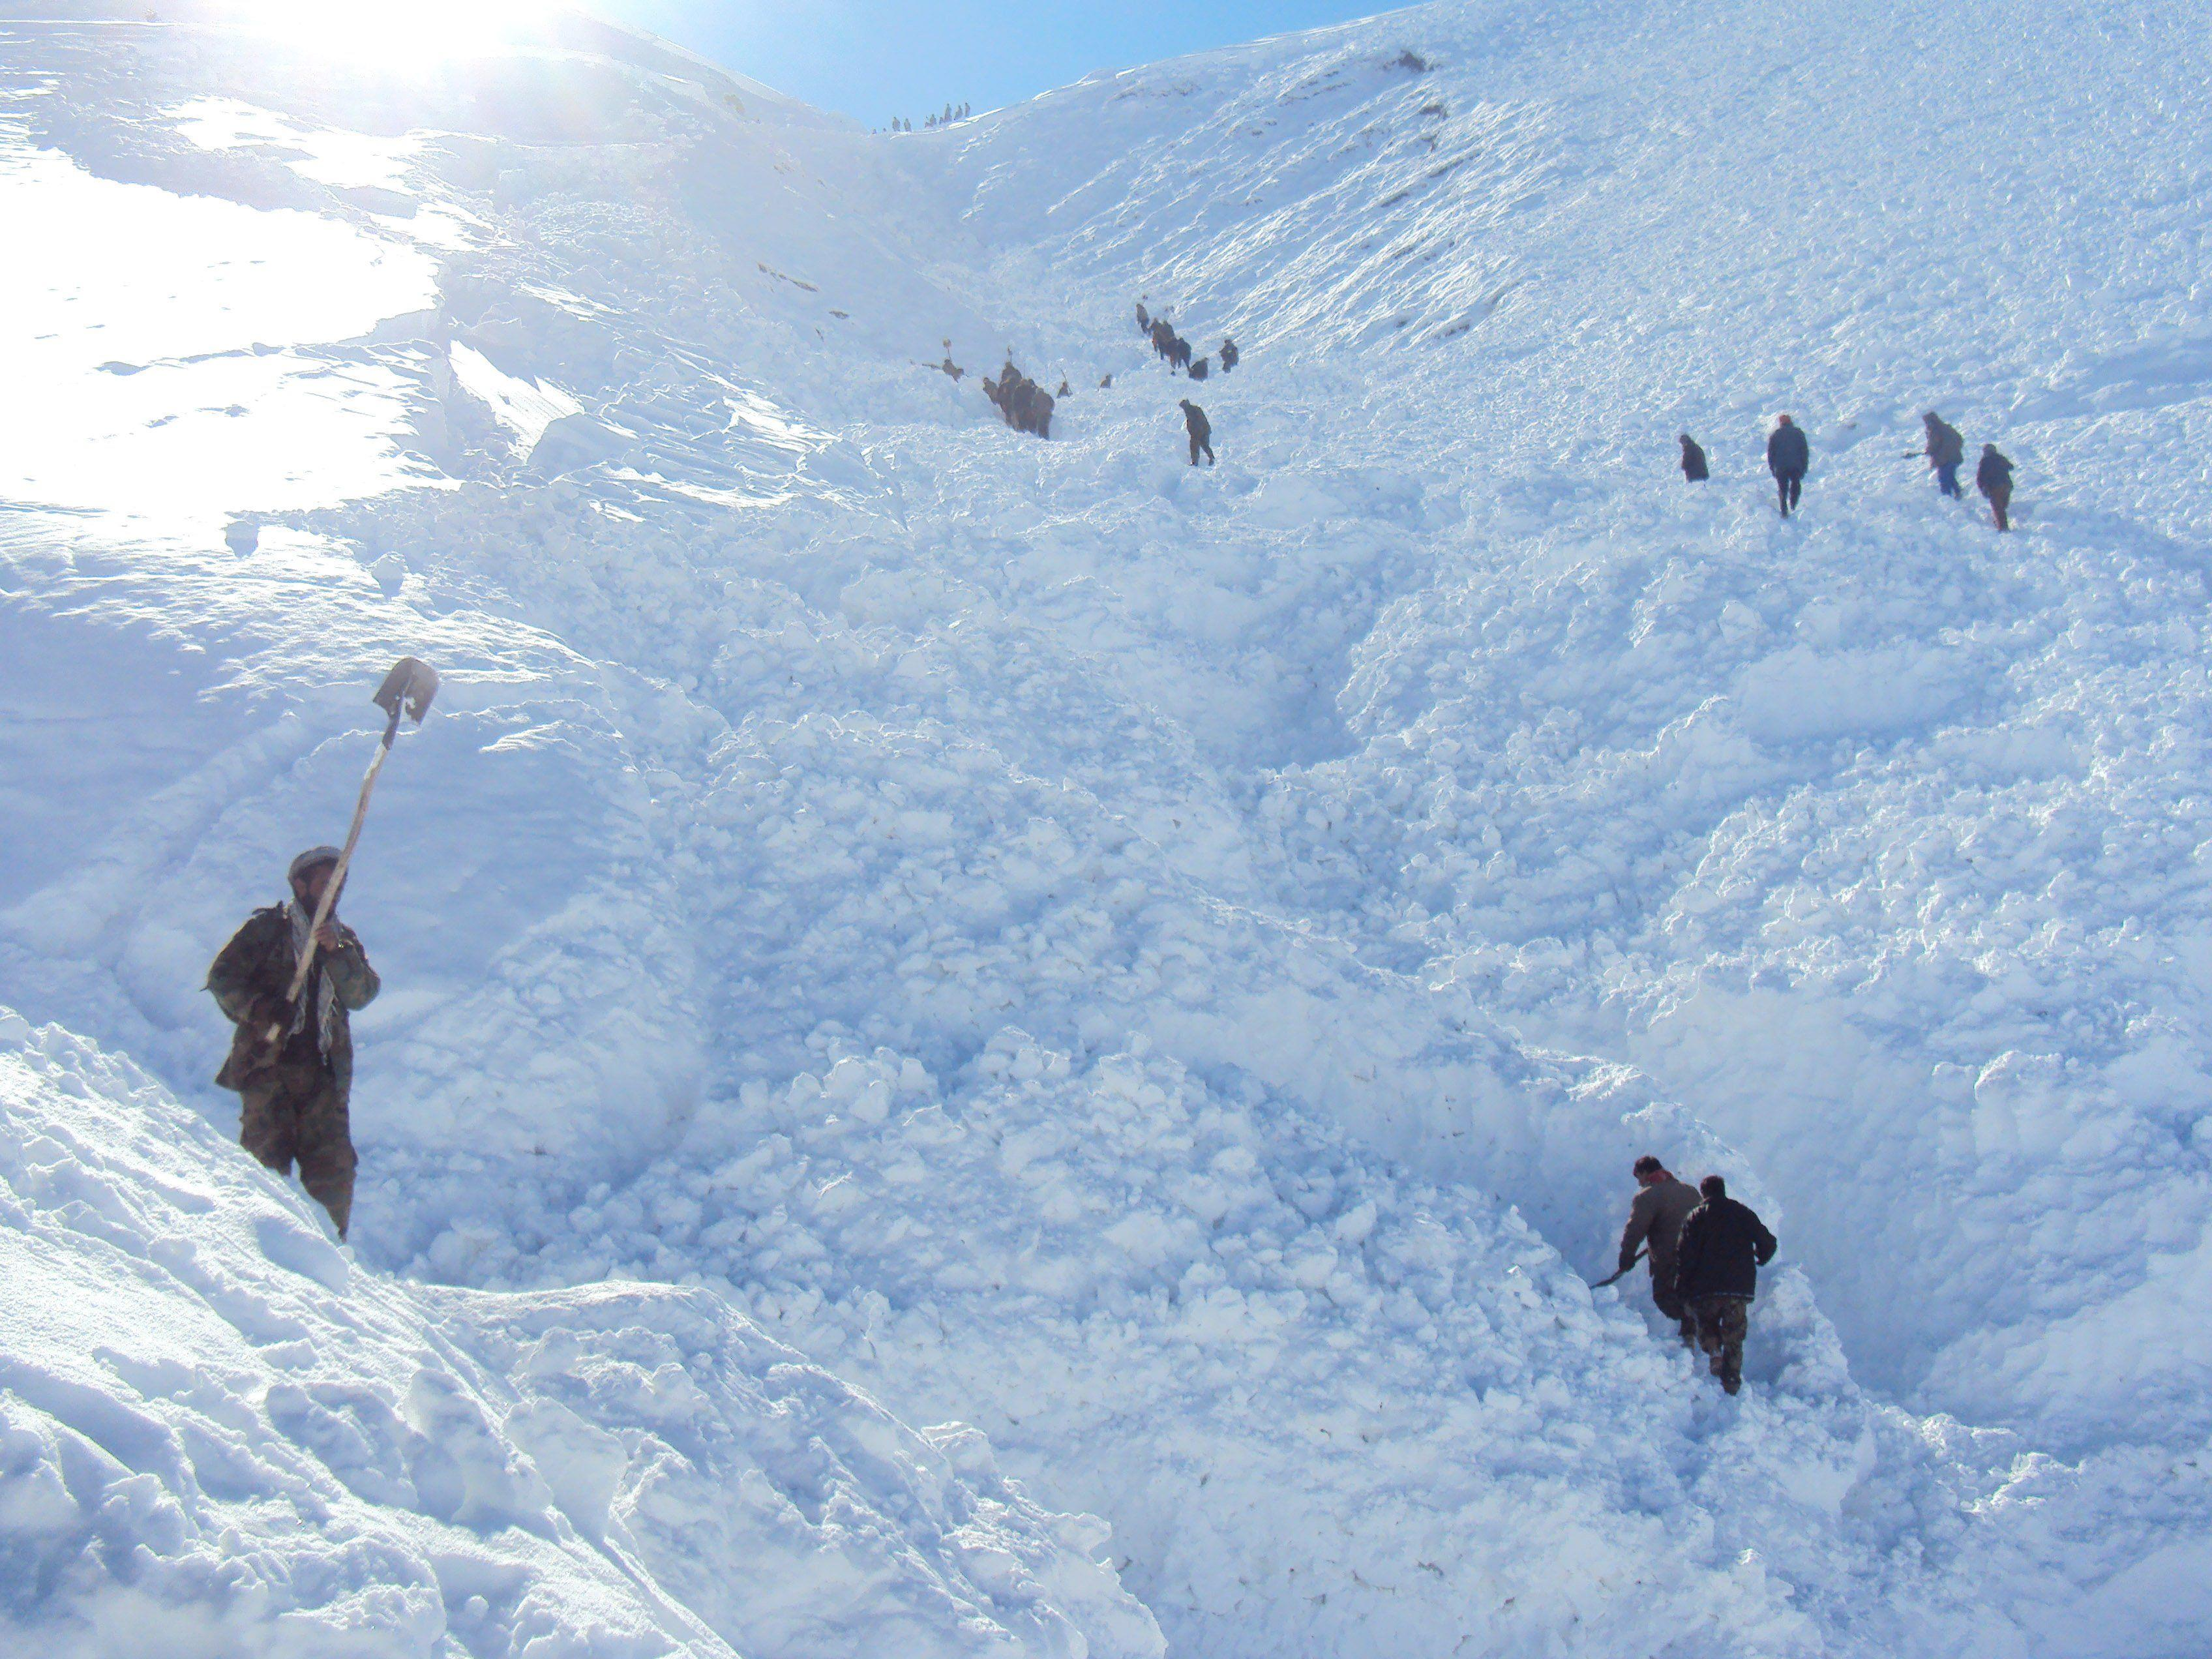 In den Bergen Afghanistans herrschen oft extreme Wetterbedingungen.